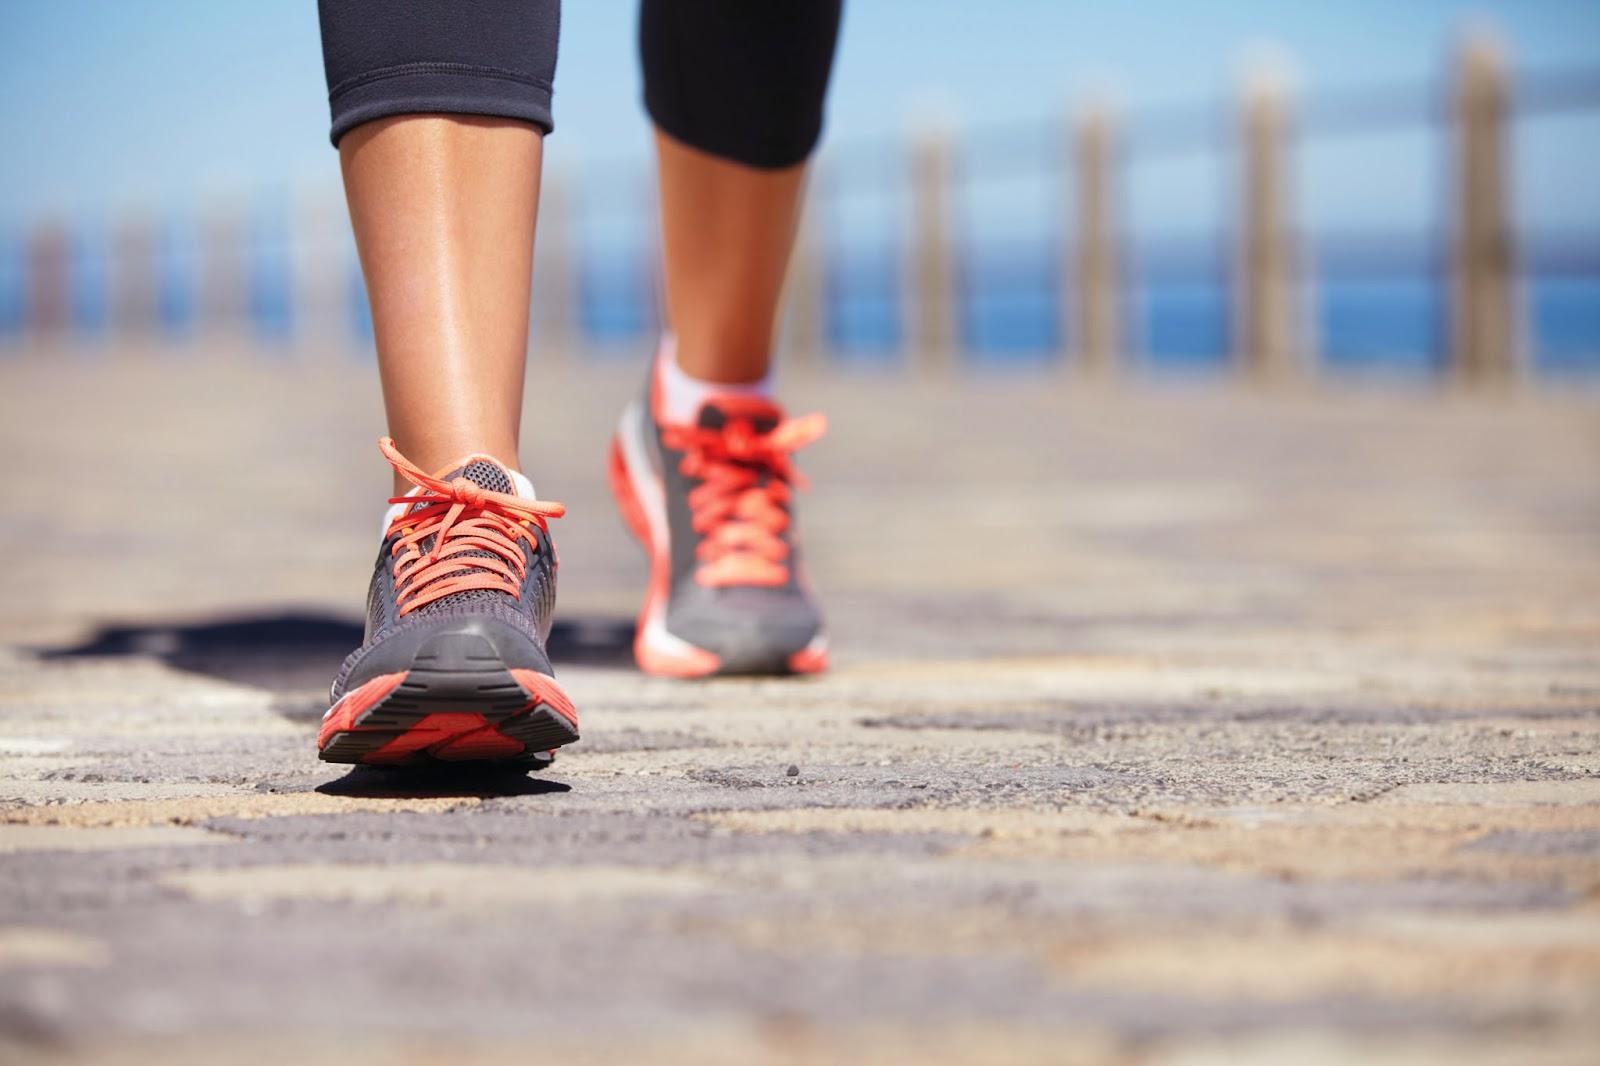 yürümek zayıflatırmı